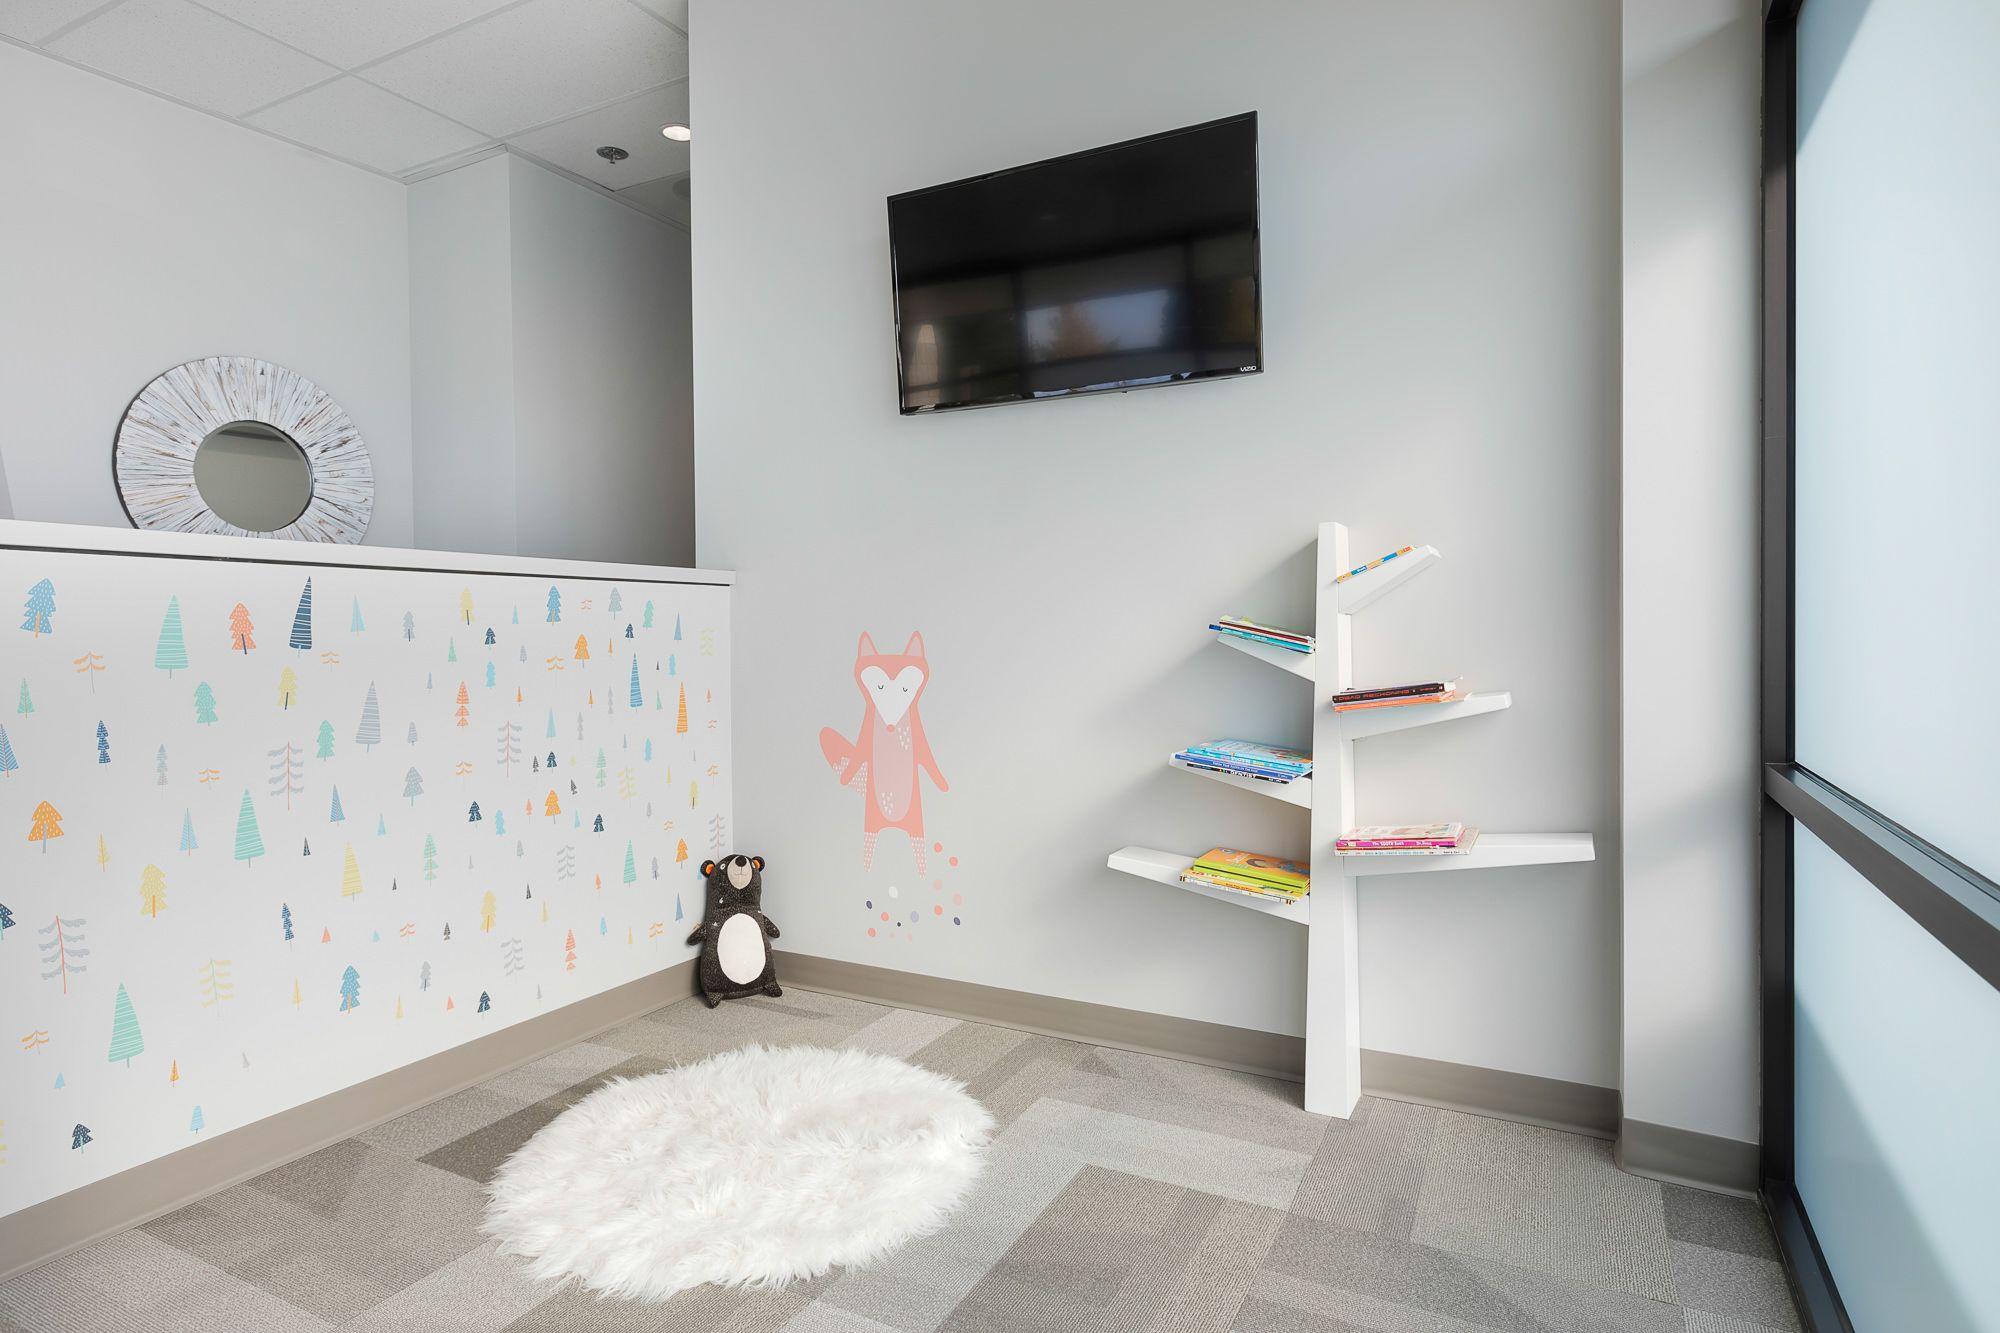 Evergreen Family Dentistry Beaverton Or Modern Dental Office Design Orthodontics Dental Office Design Modern Office Design Business Office Interior Design